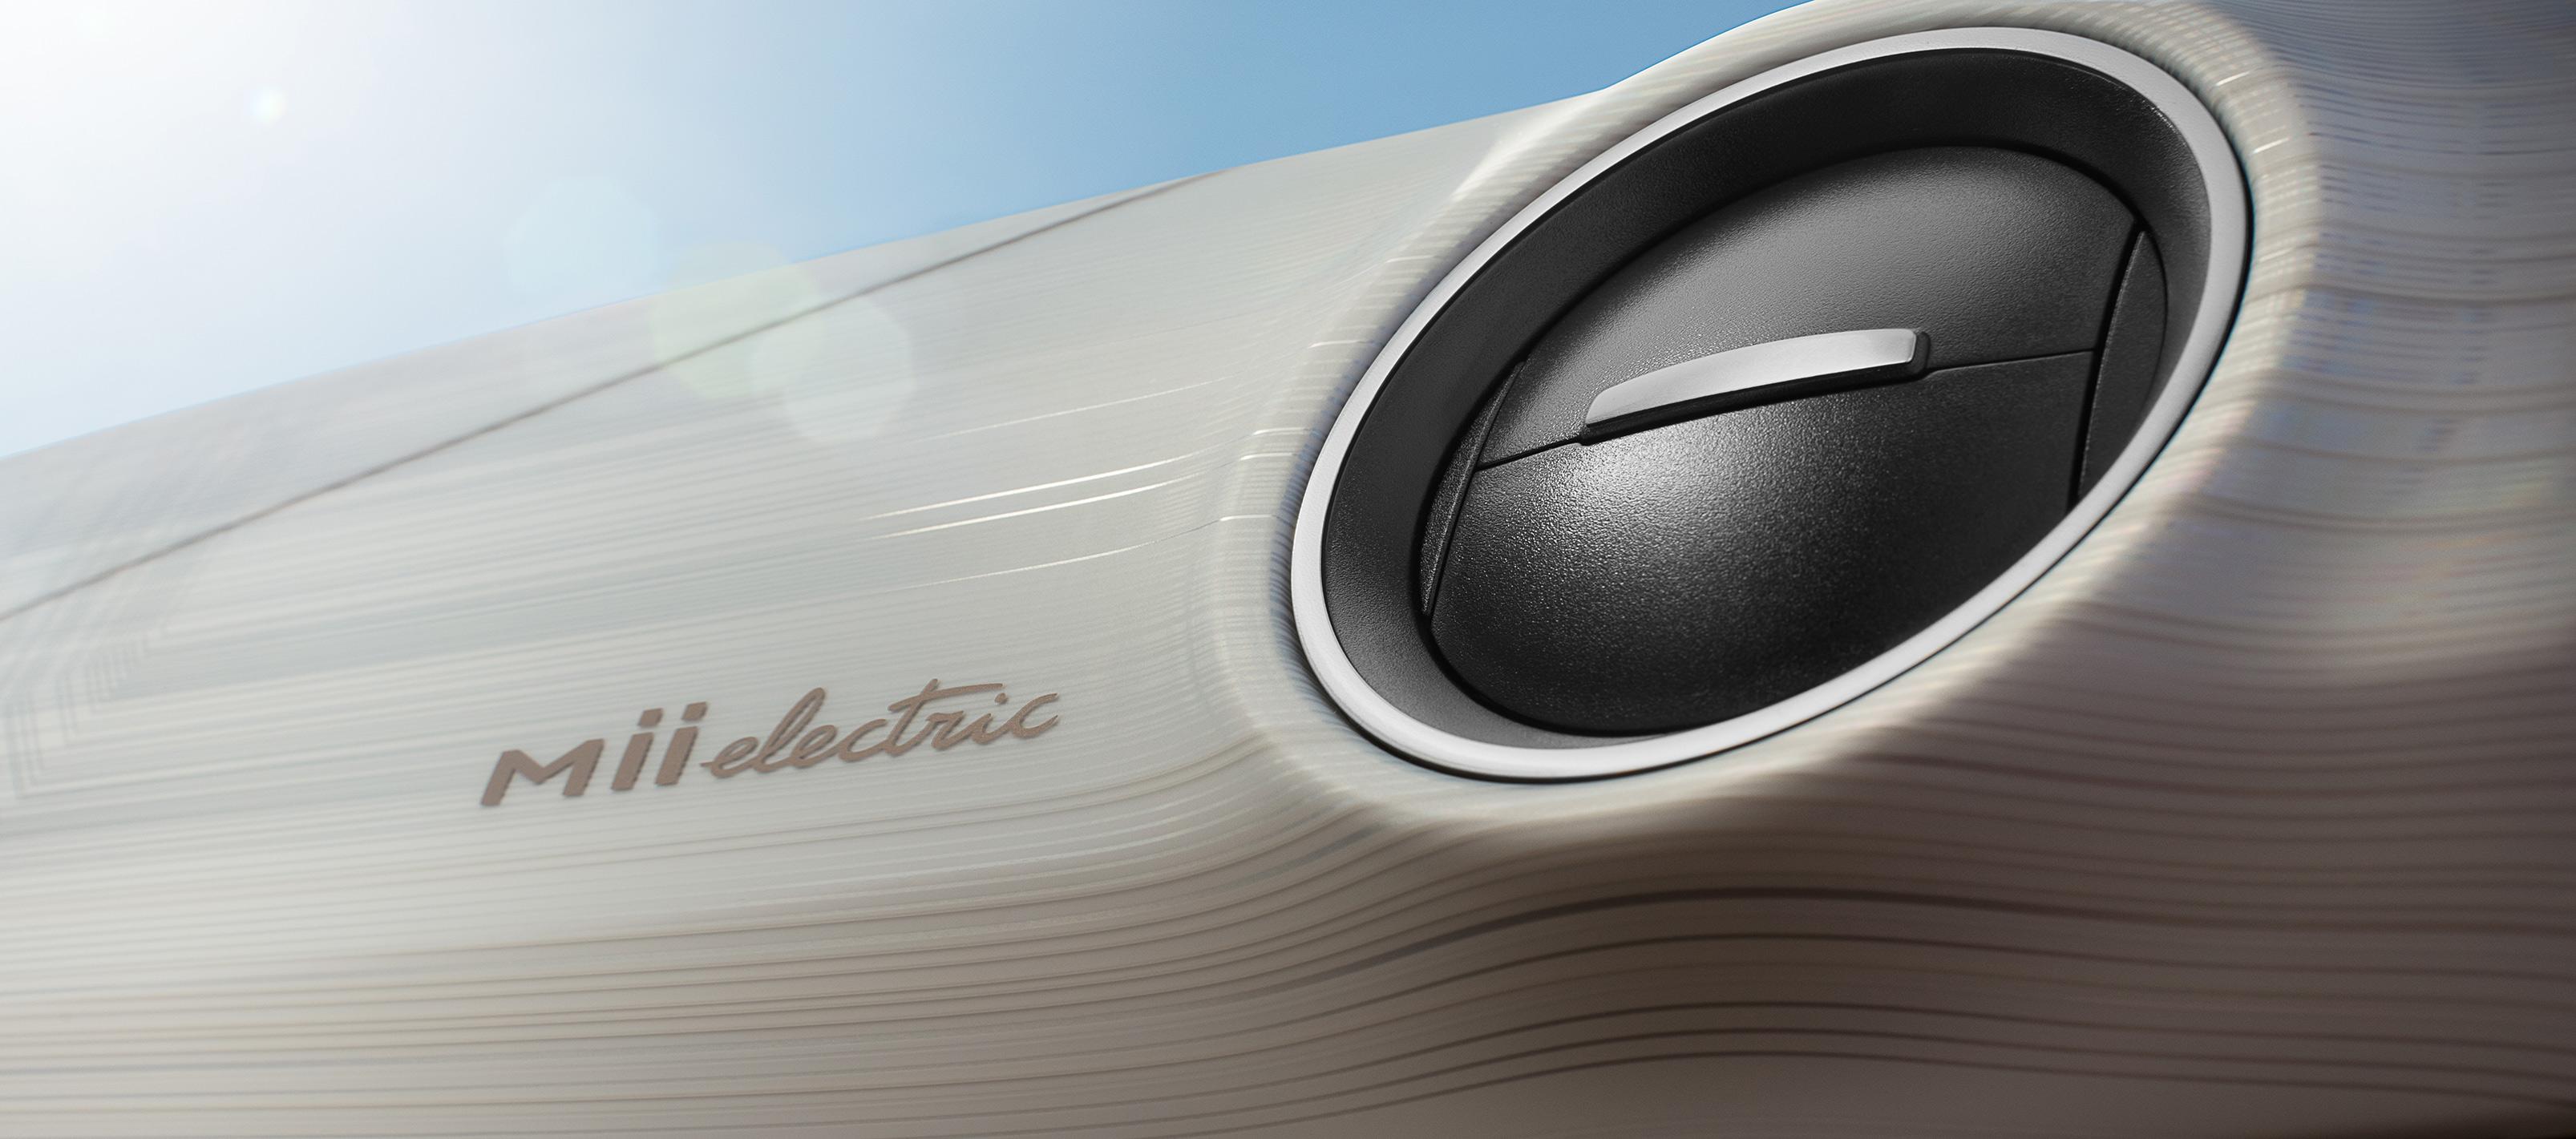 SEAT Mii Electric, urbano, eléctrico, 0 emisiones